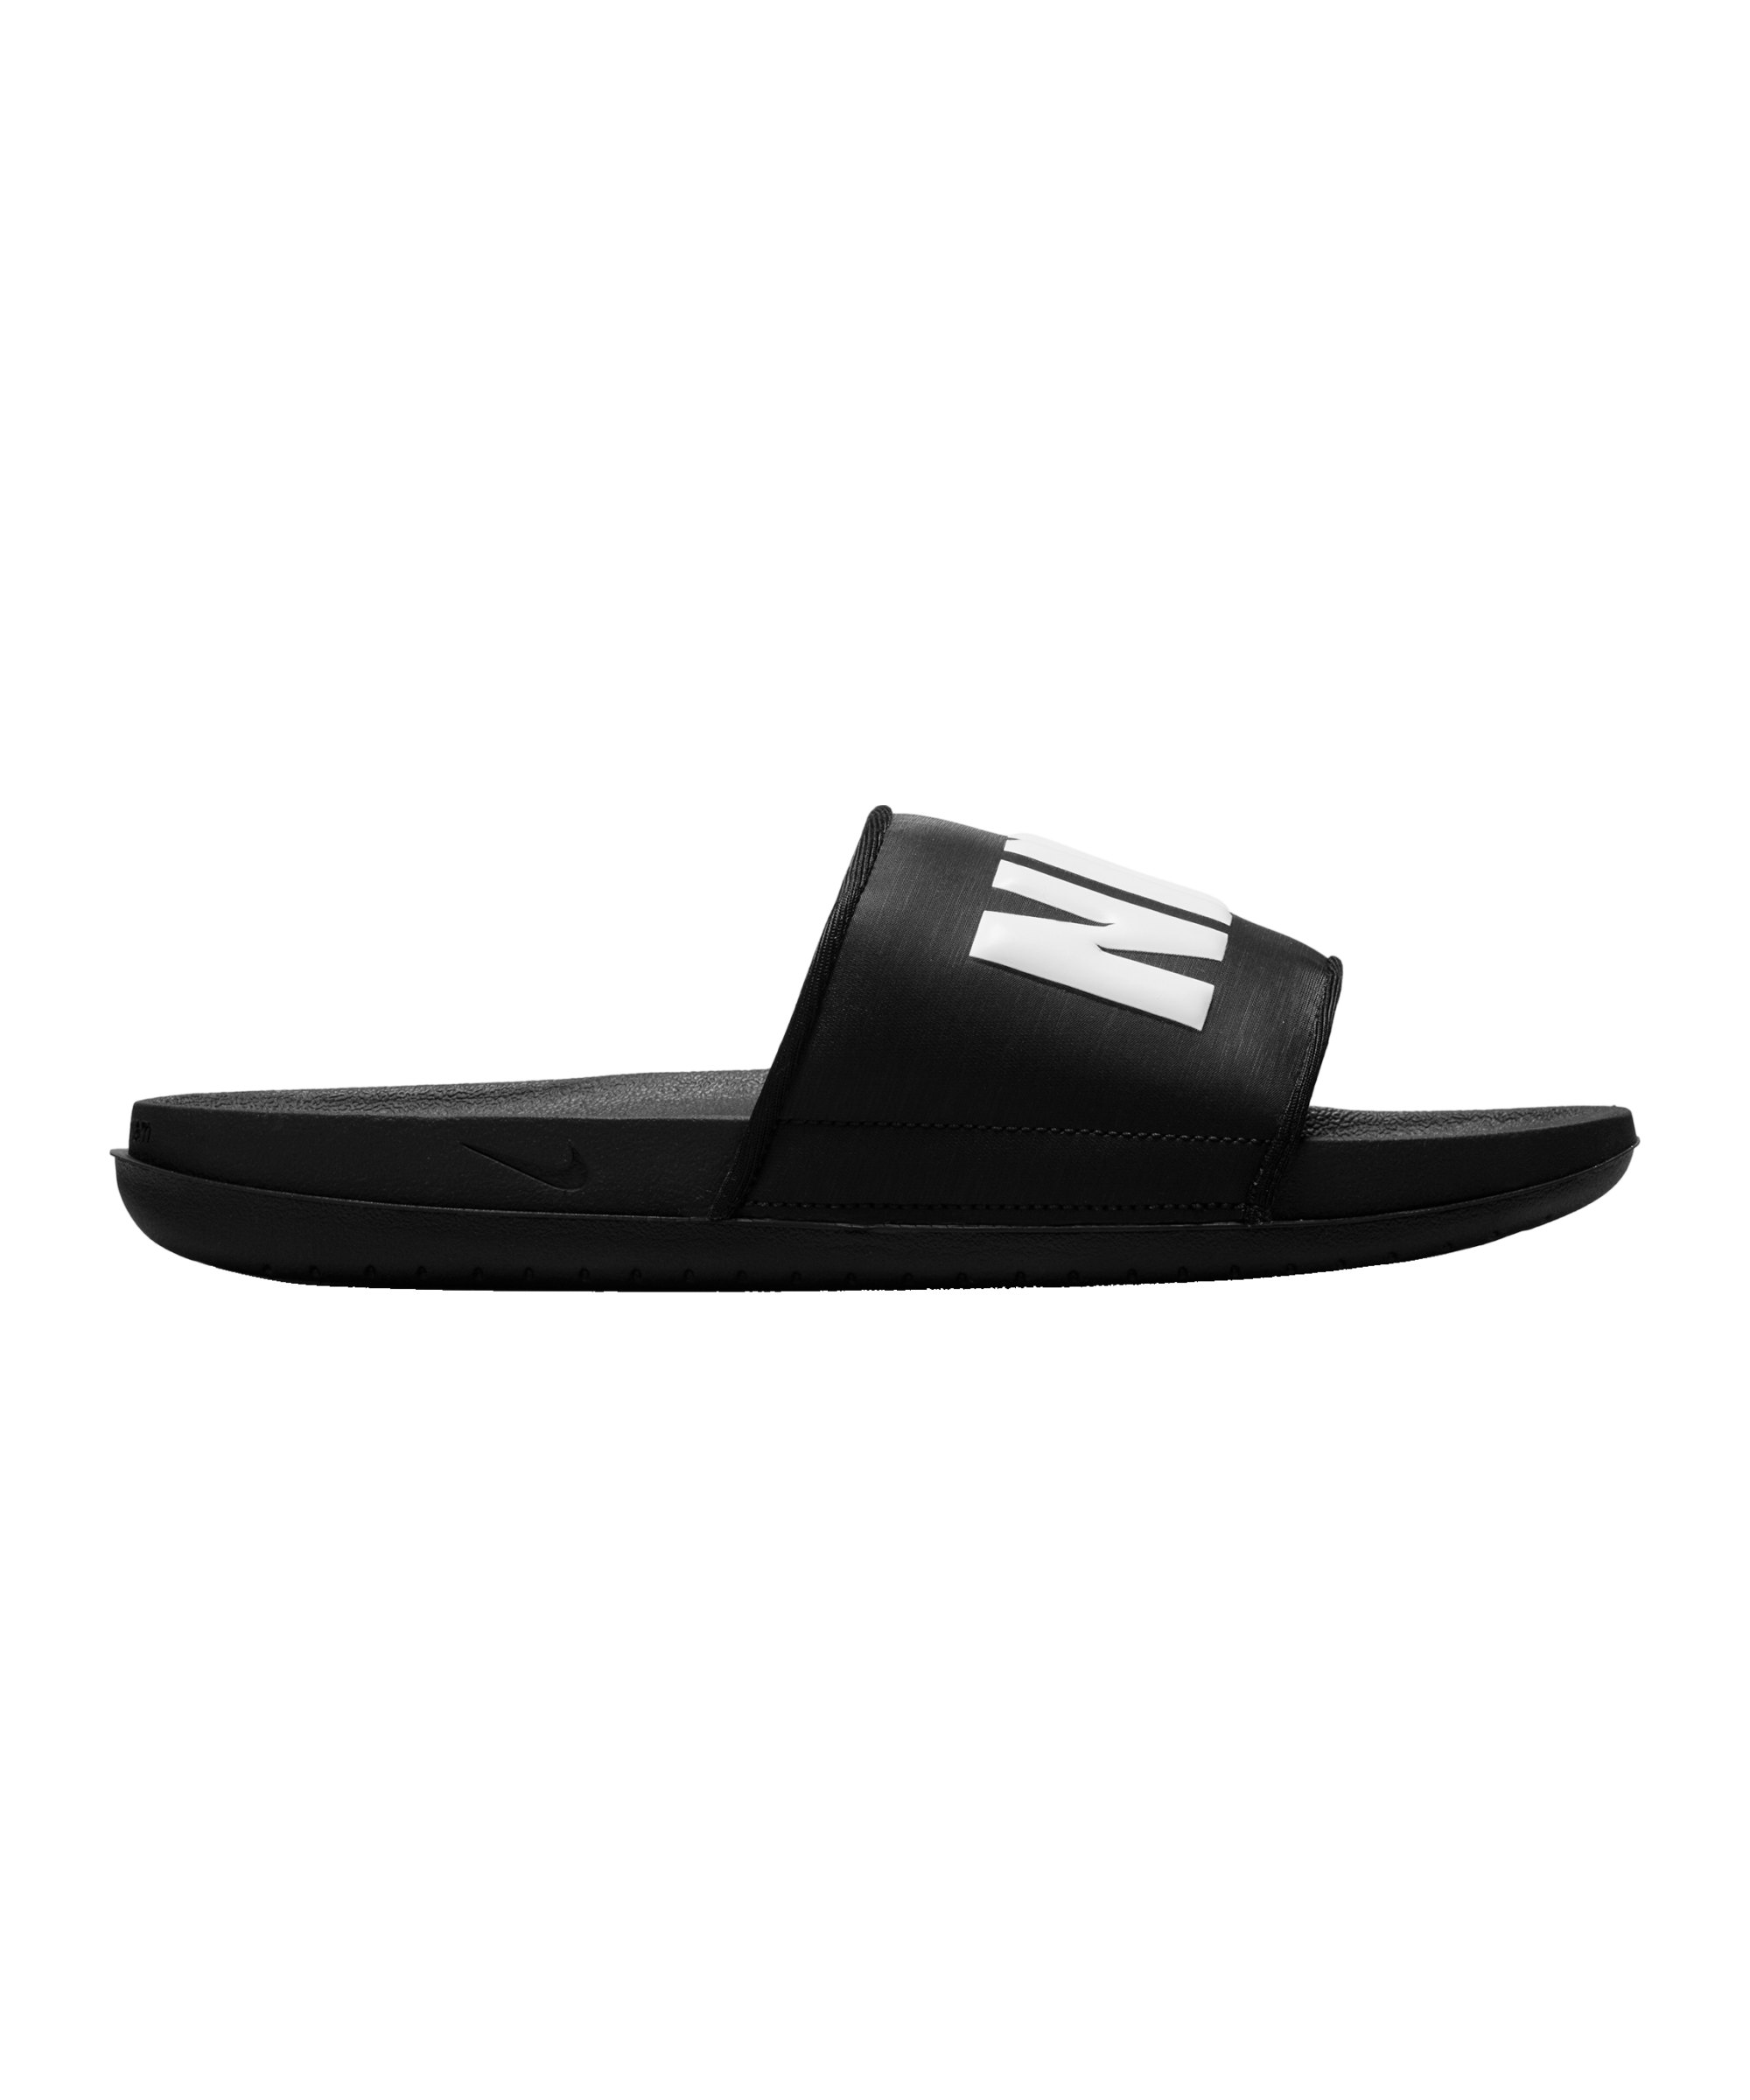 Nike Offcourt Slide Badelatsche Schwarz F012 - schwarz